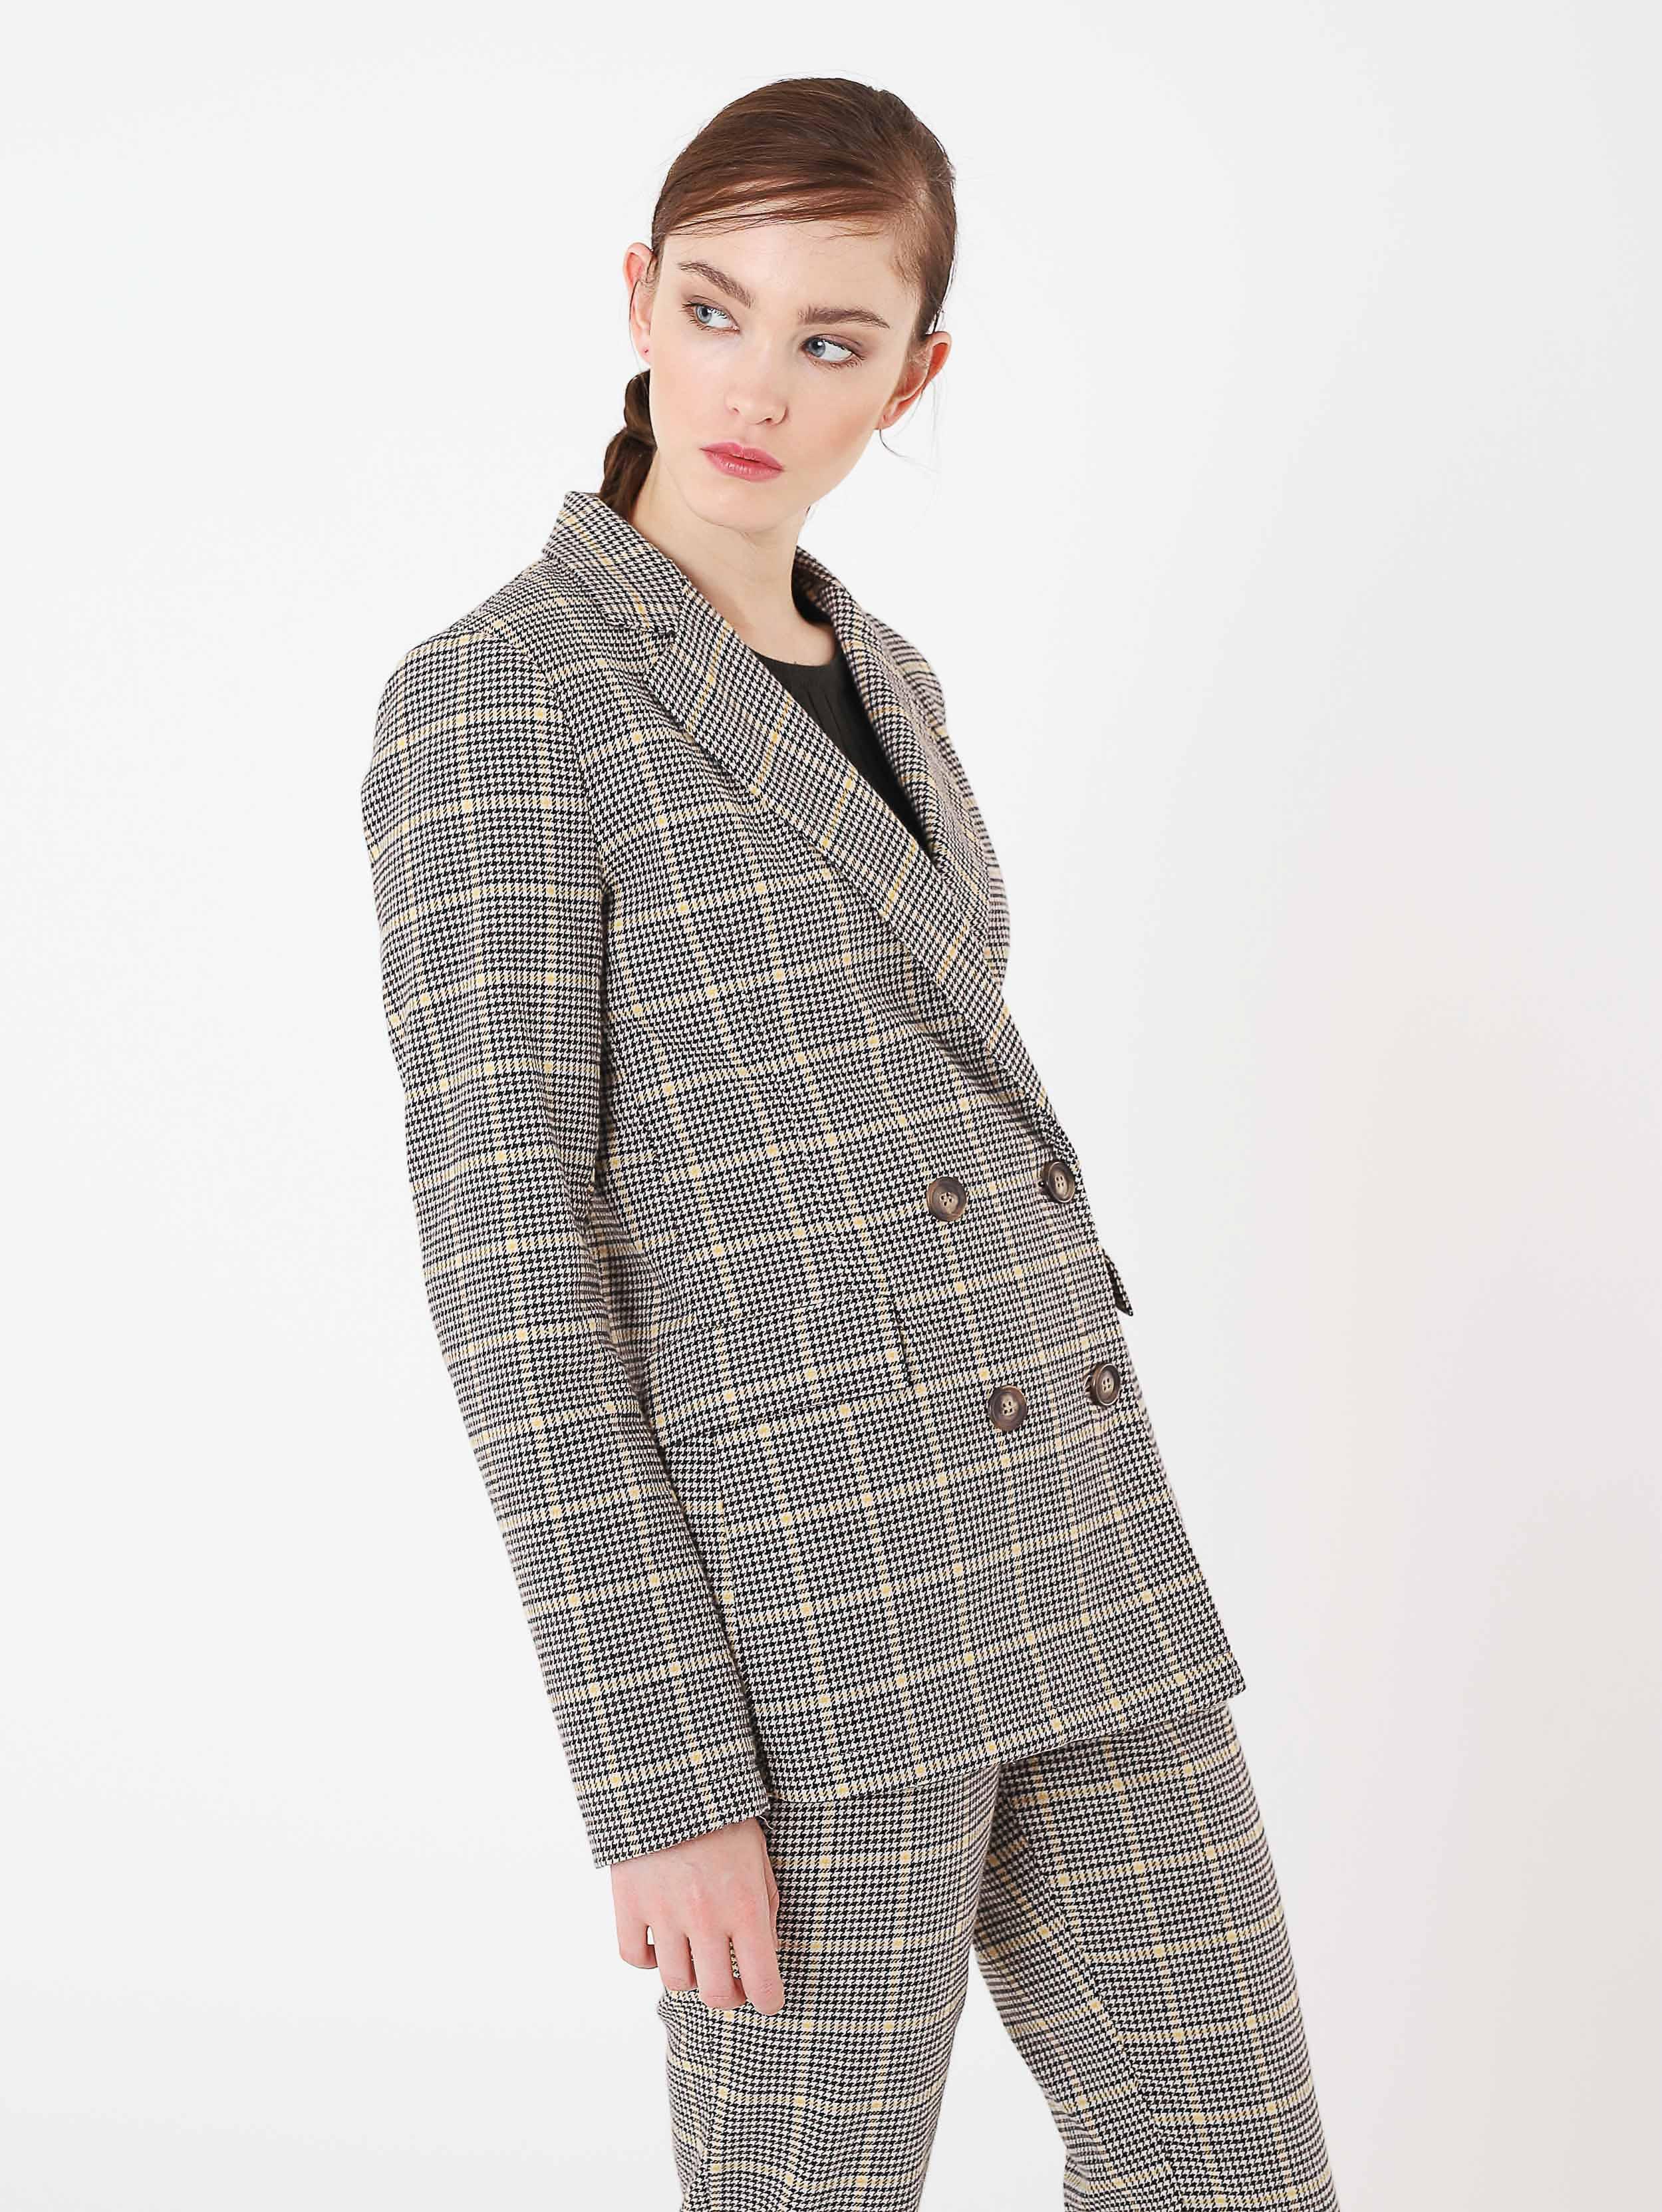 Giacca blazer doppiopetto oversize a 39,99 euro